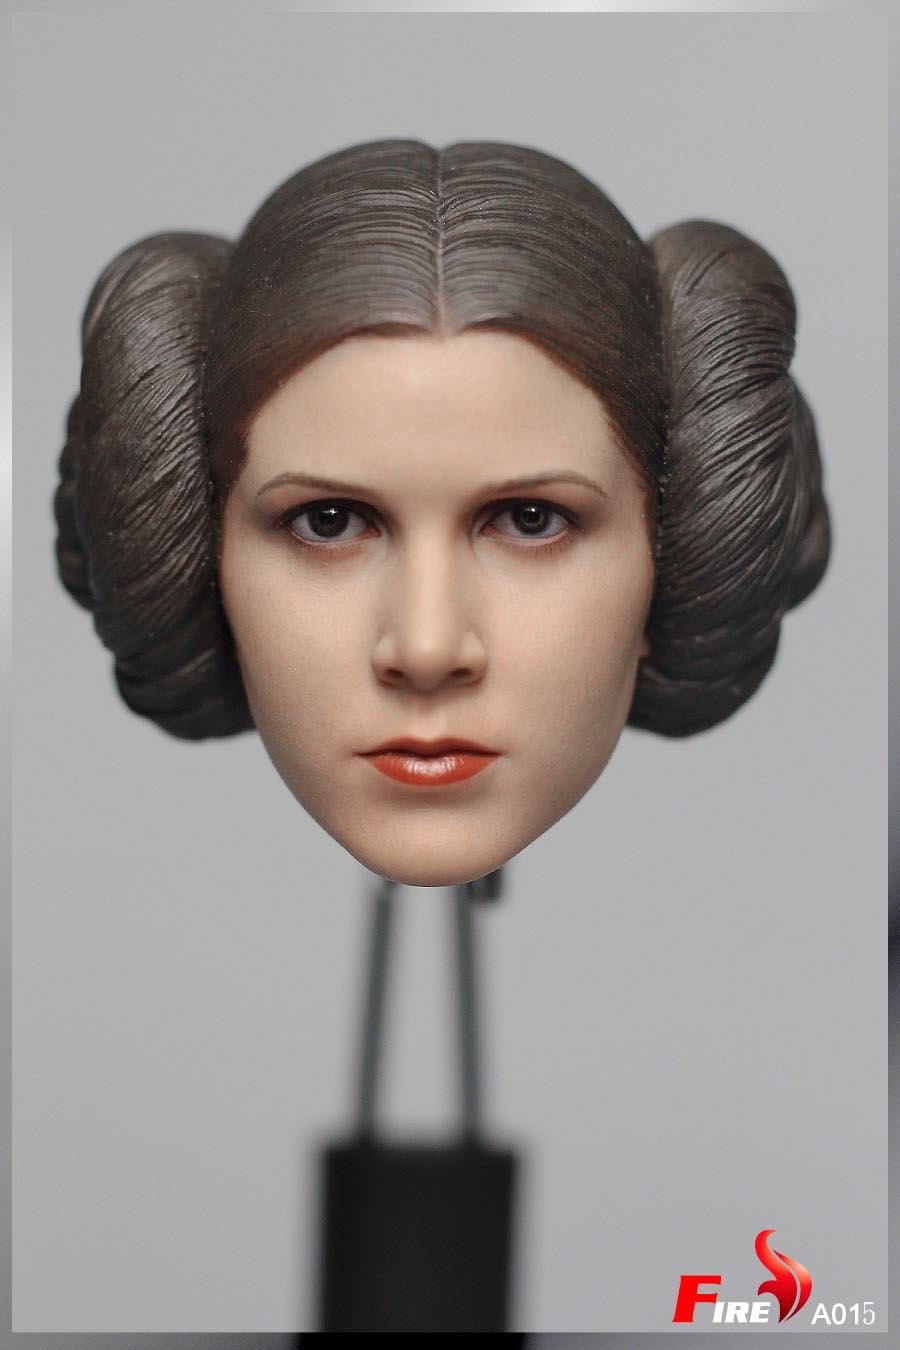 FIRE A015 Ball War New Hope - Leya Princess Headsculpt